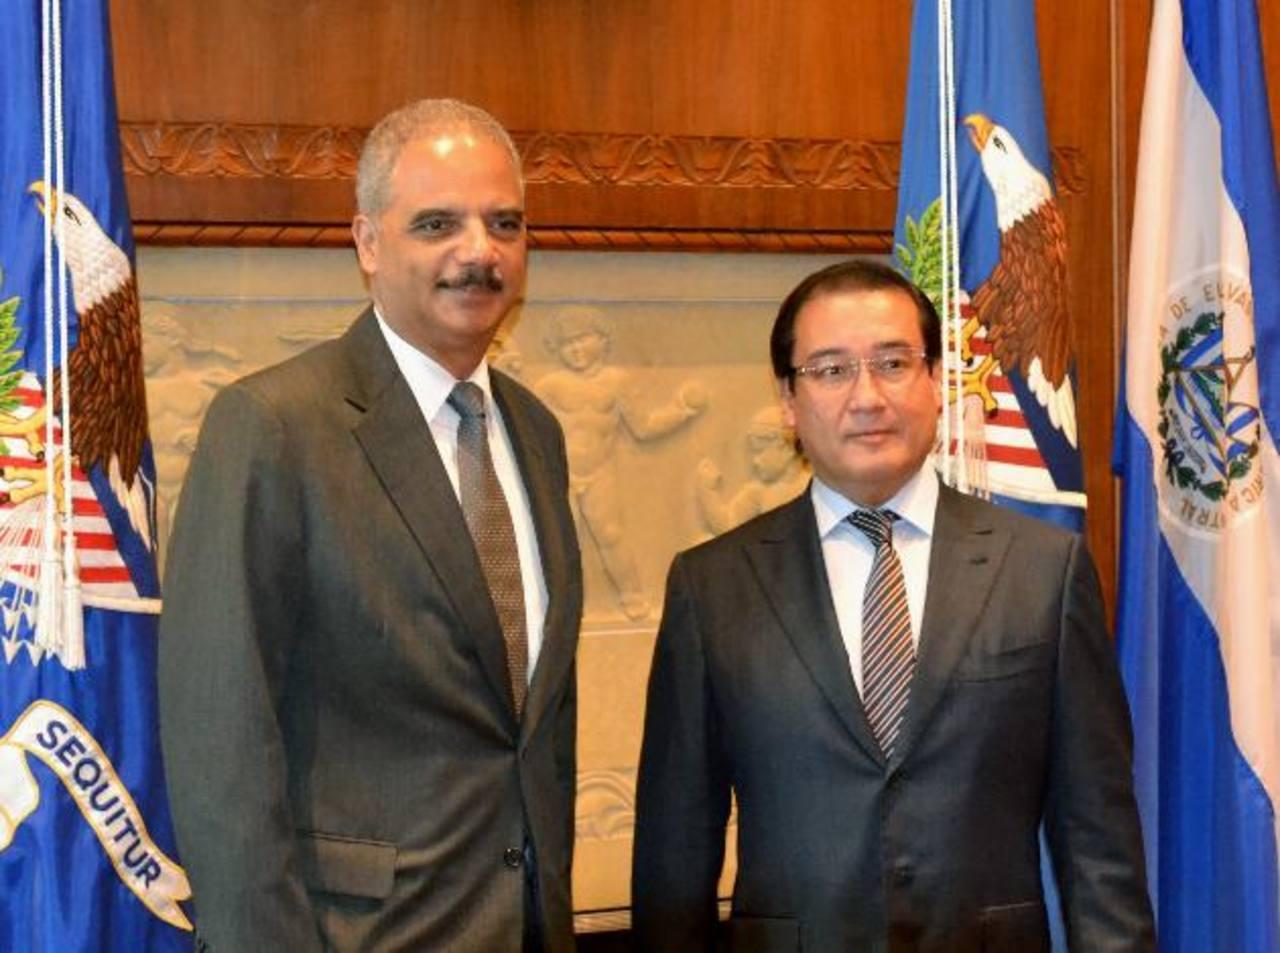 Luis Martínez, Fiscal General